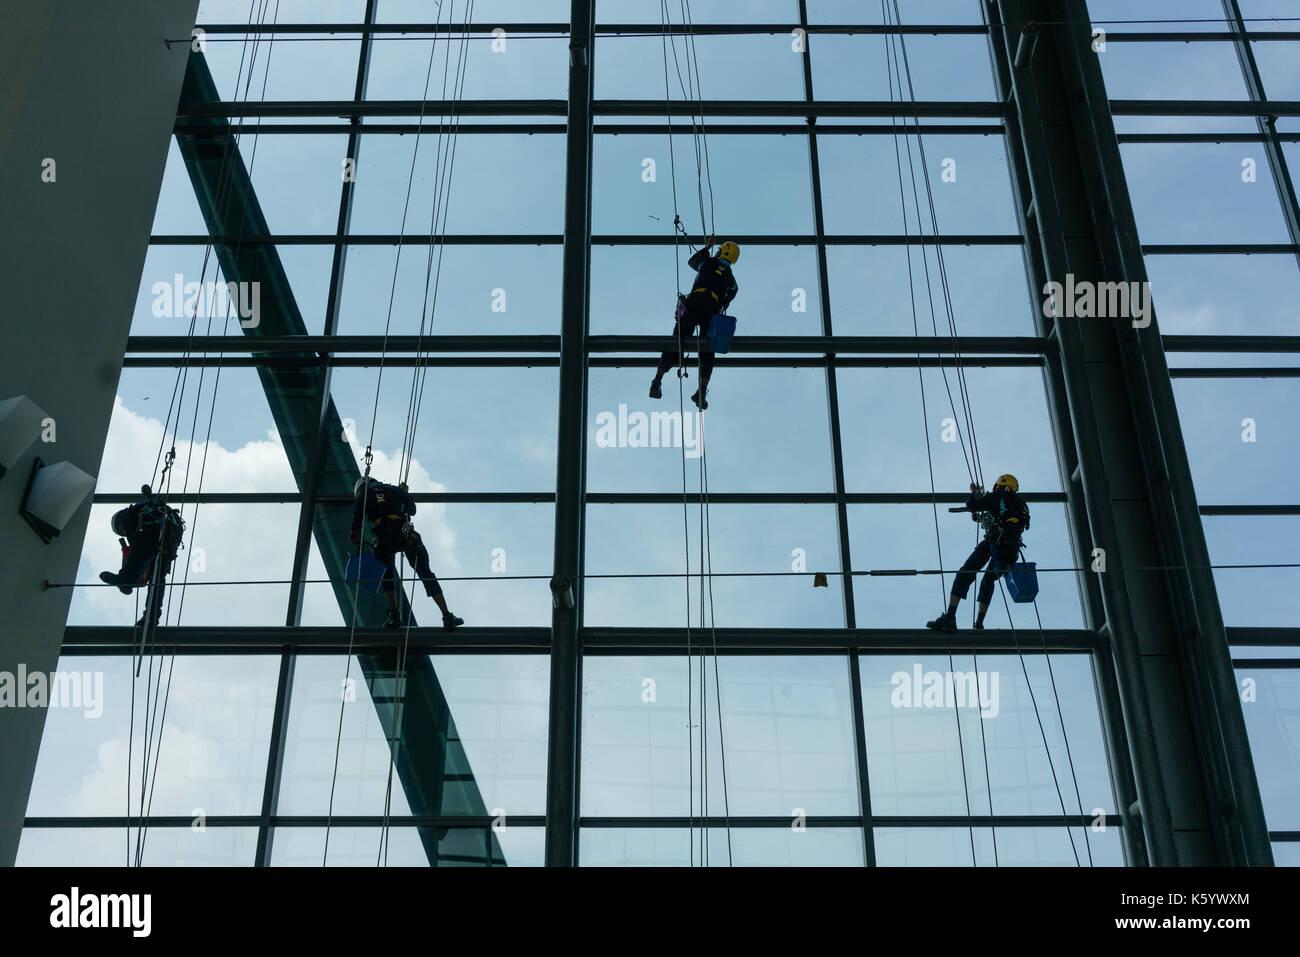 Professionelle Fensterputzer klettern Fassade Stockbild